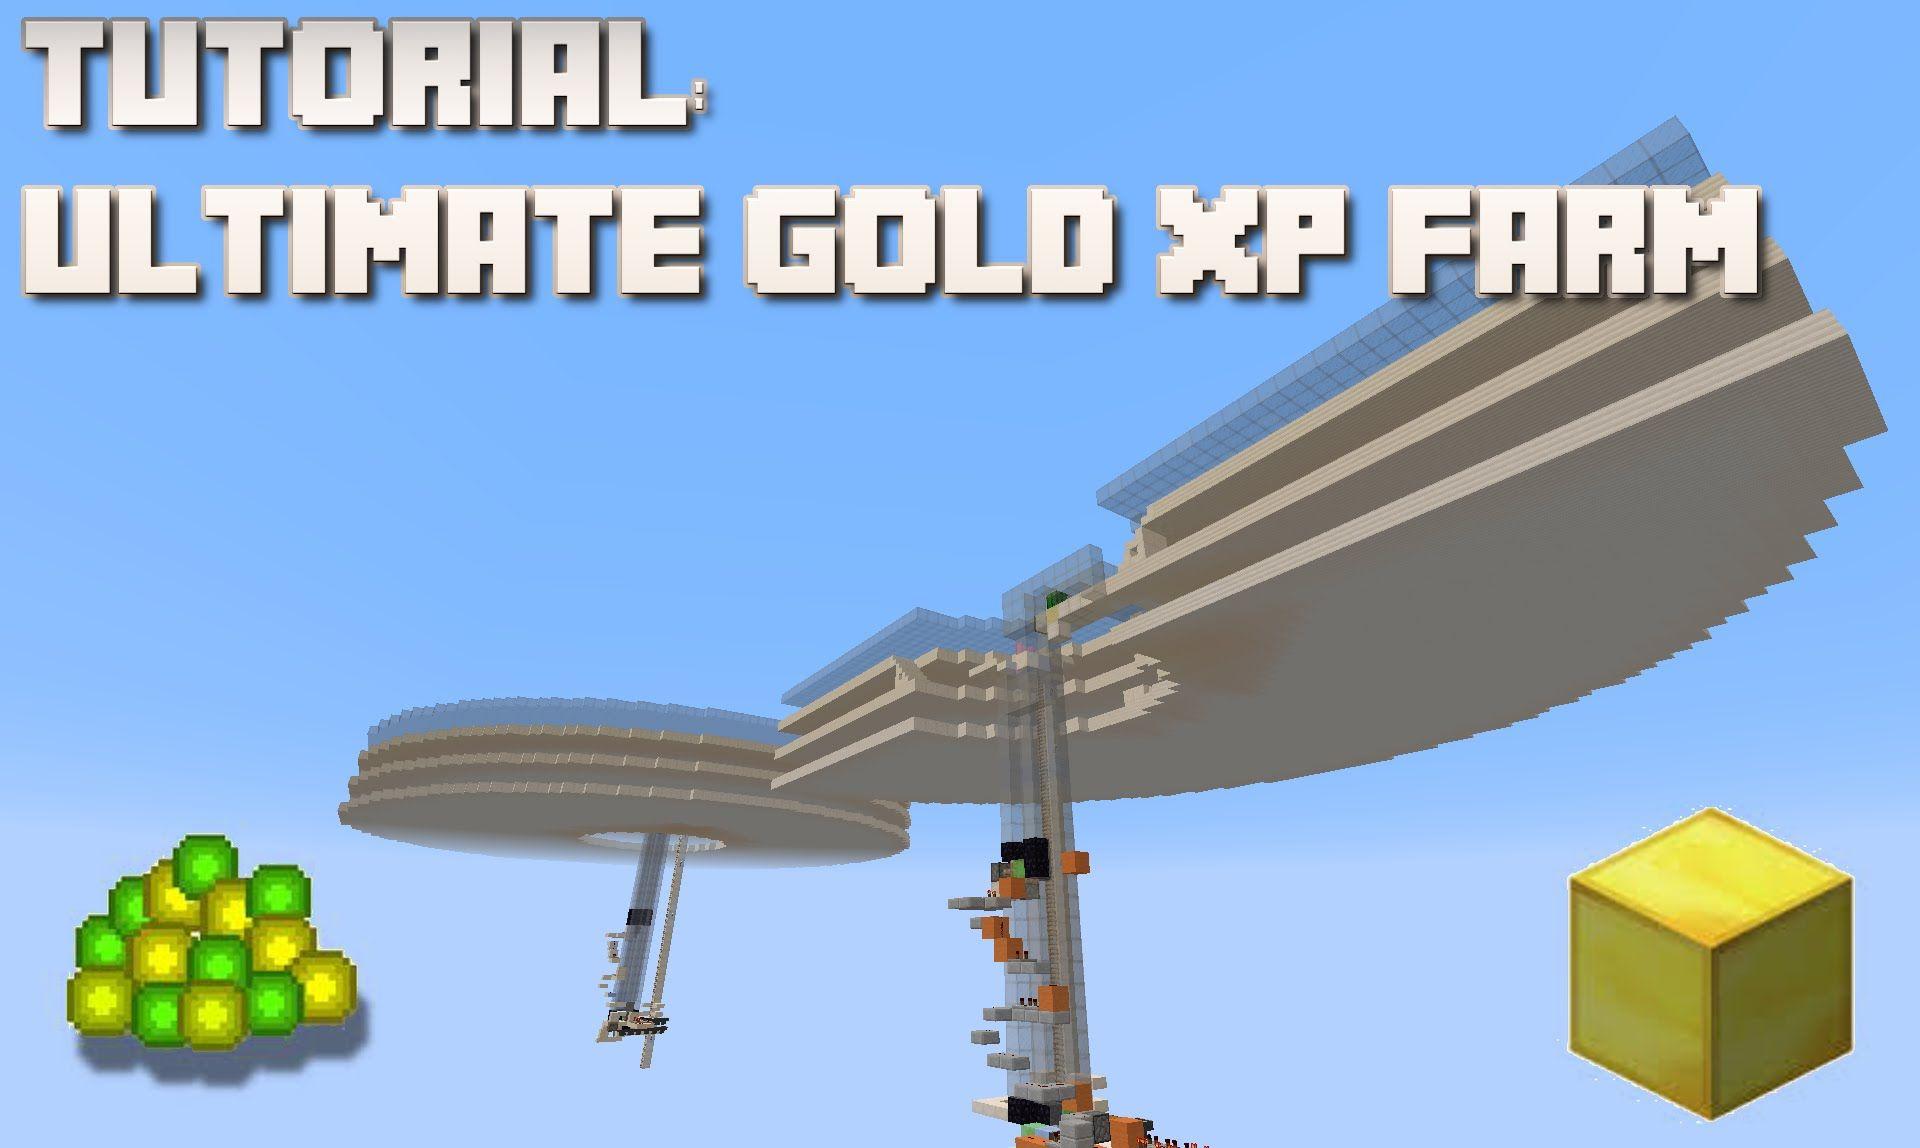 minecraft xp gold farm tutorial part 2 minecraft in 2018